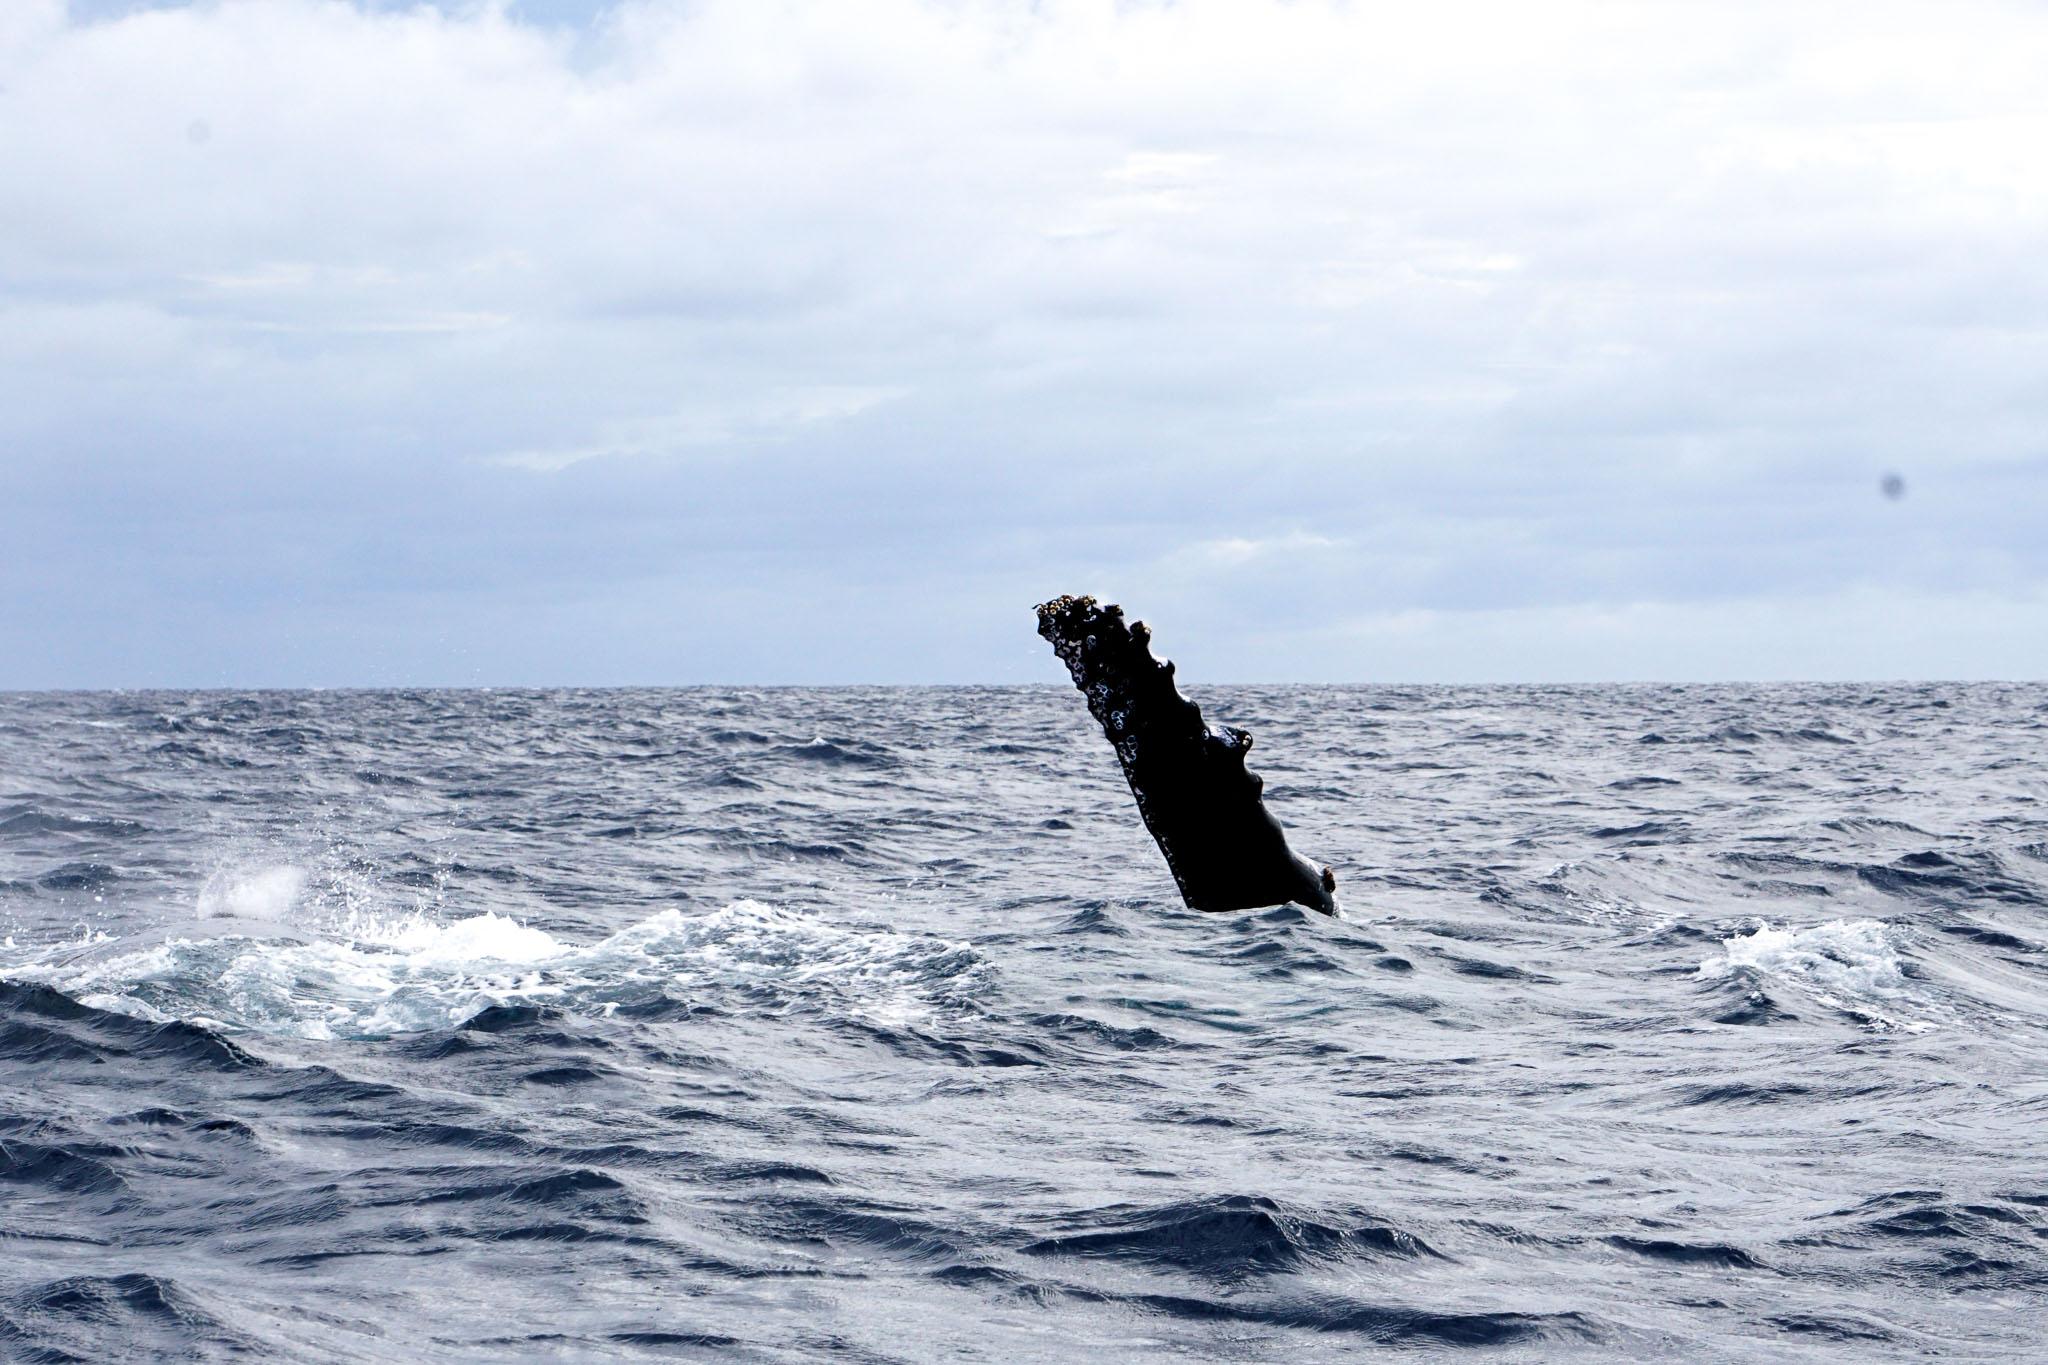 Humpback Whales in Ha'apai, Tonga